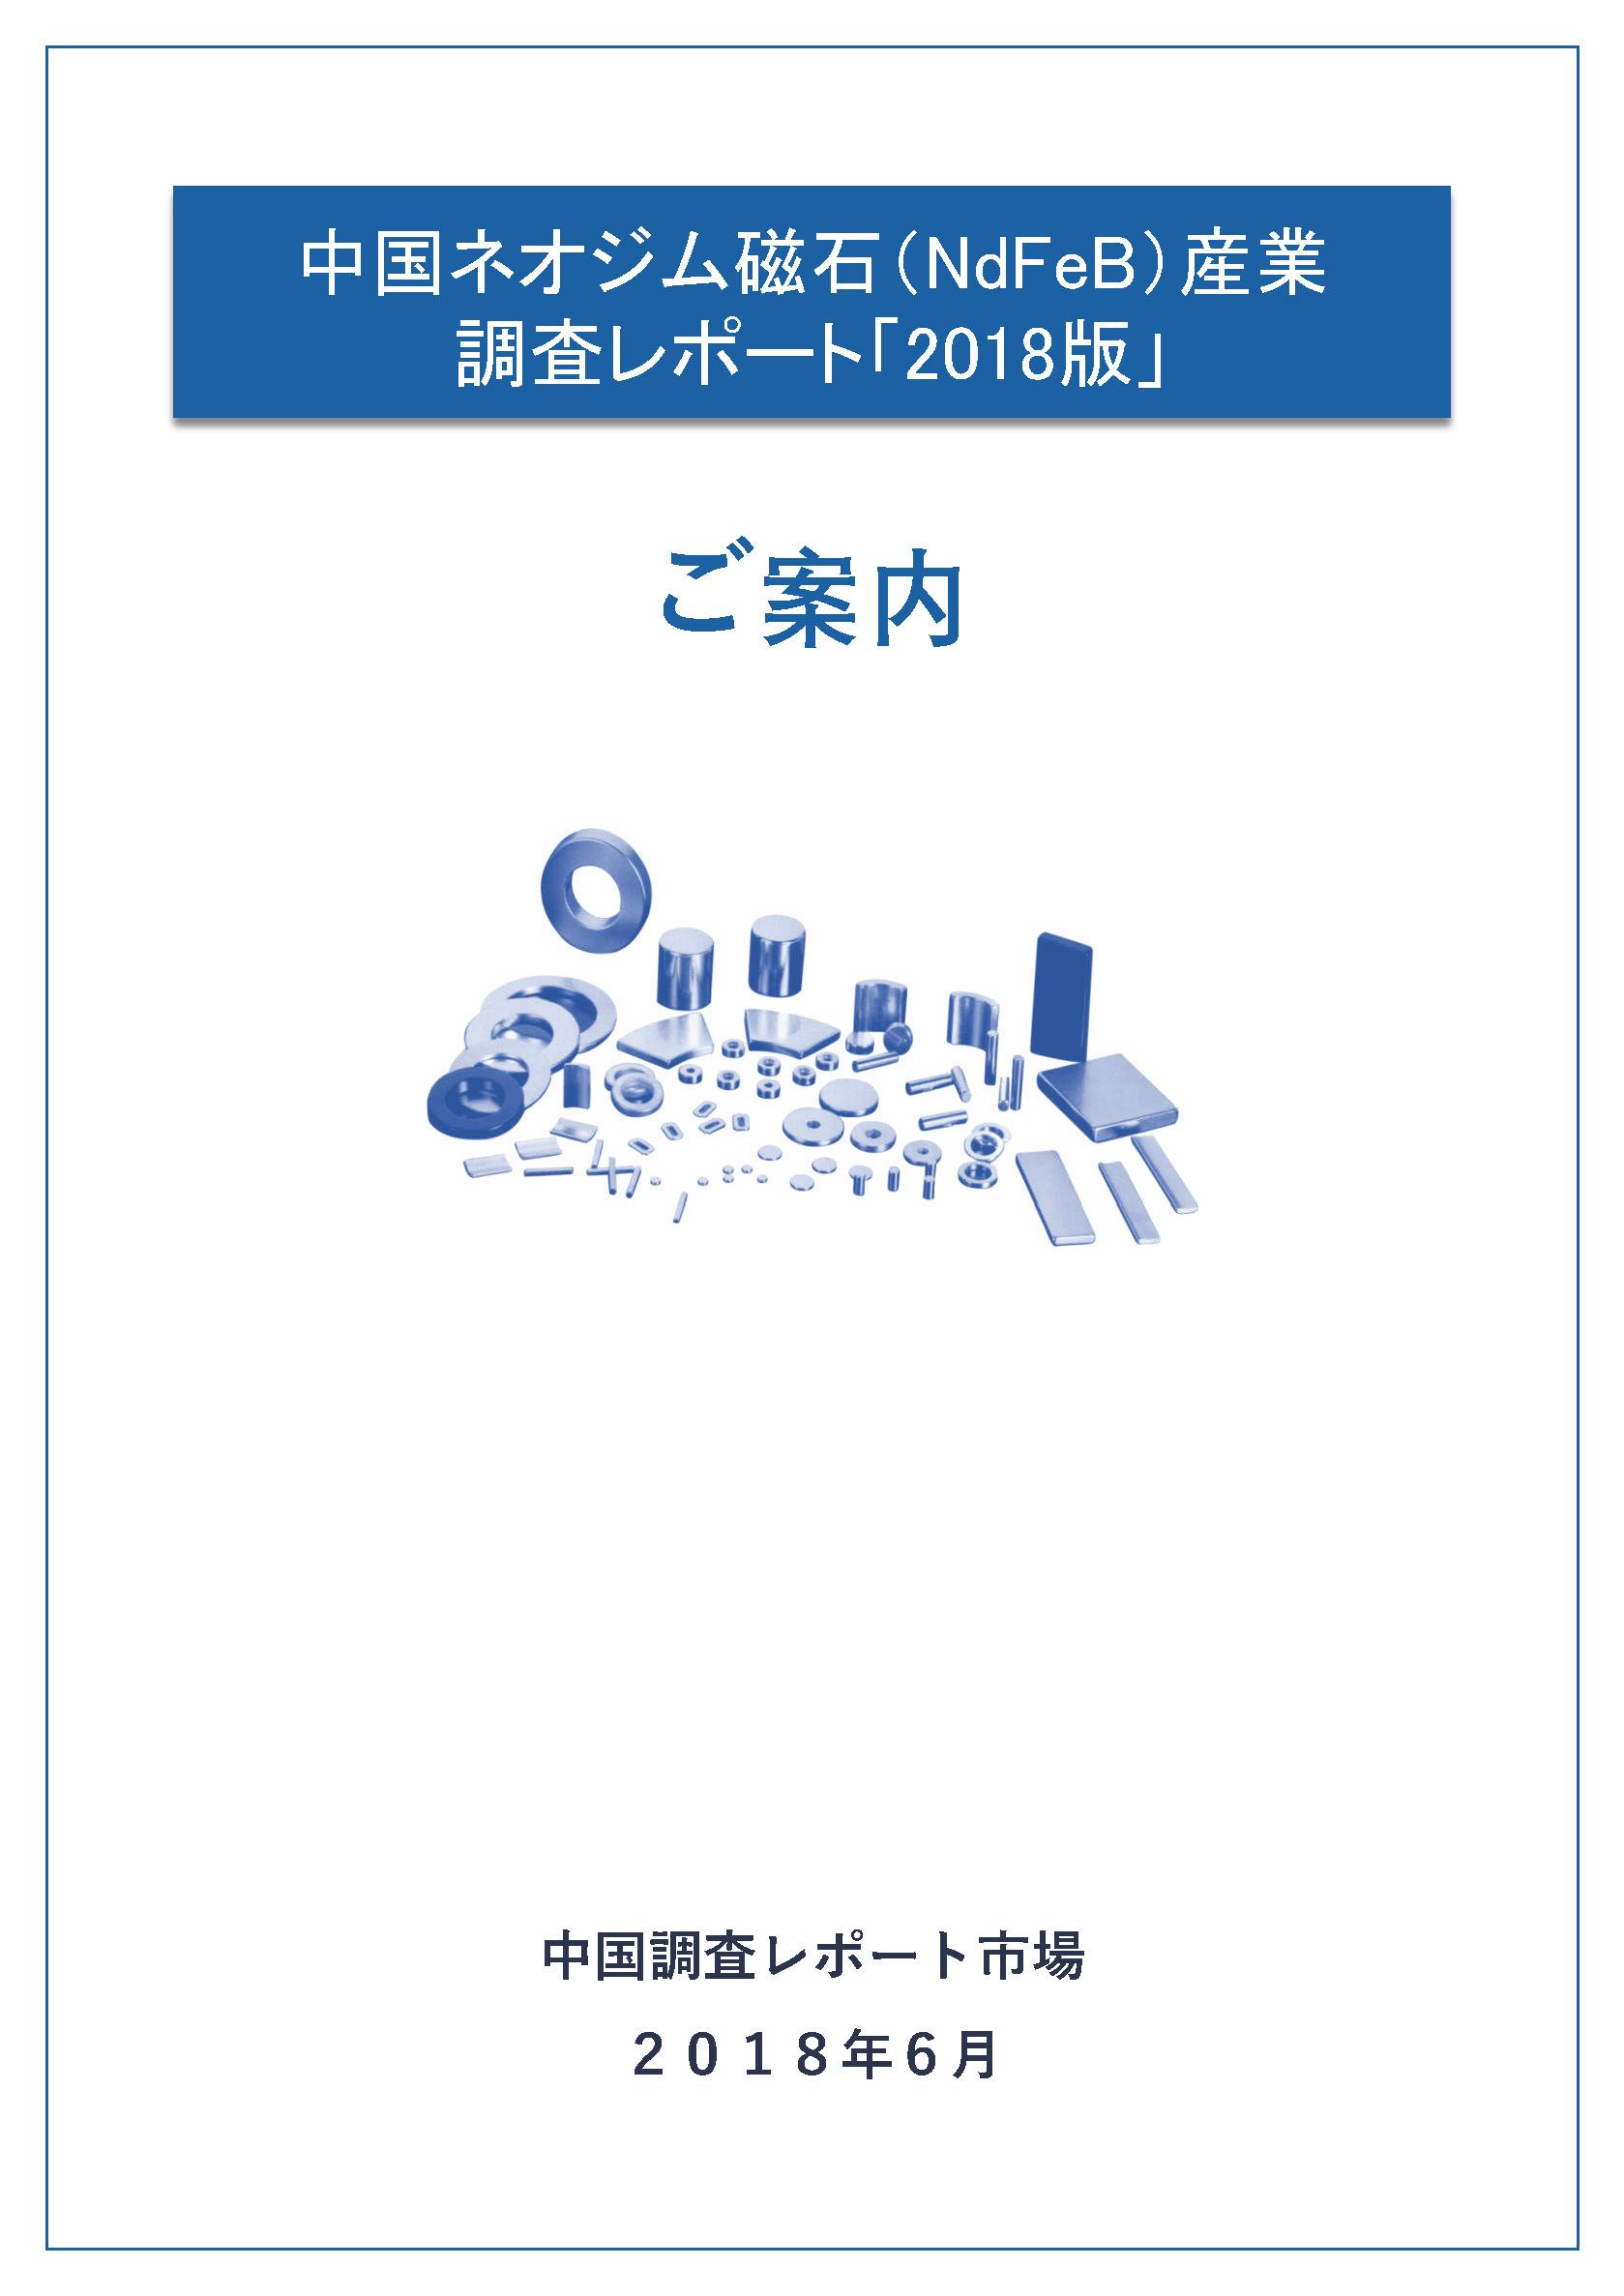 中国ネオジム磁石(NdFeB)産業調査レポート 2018版  ご案内